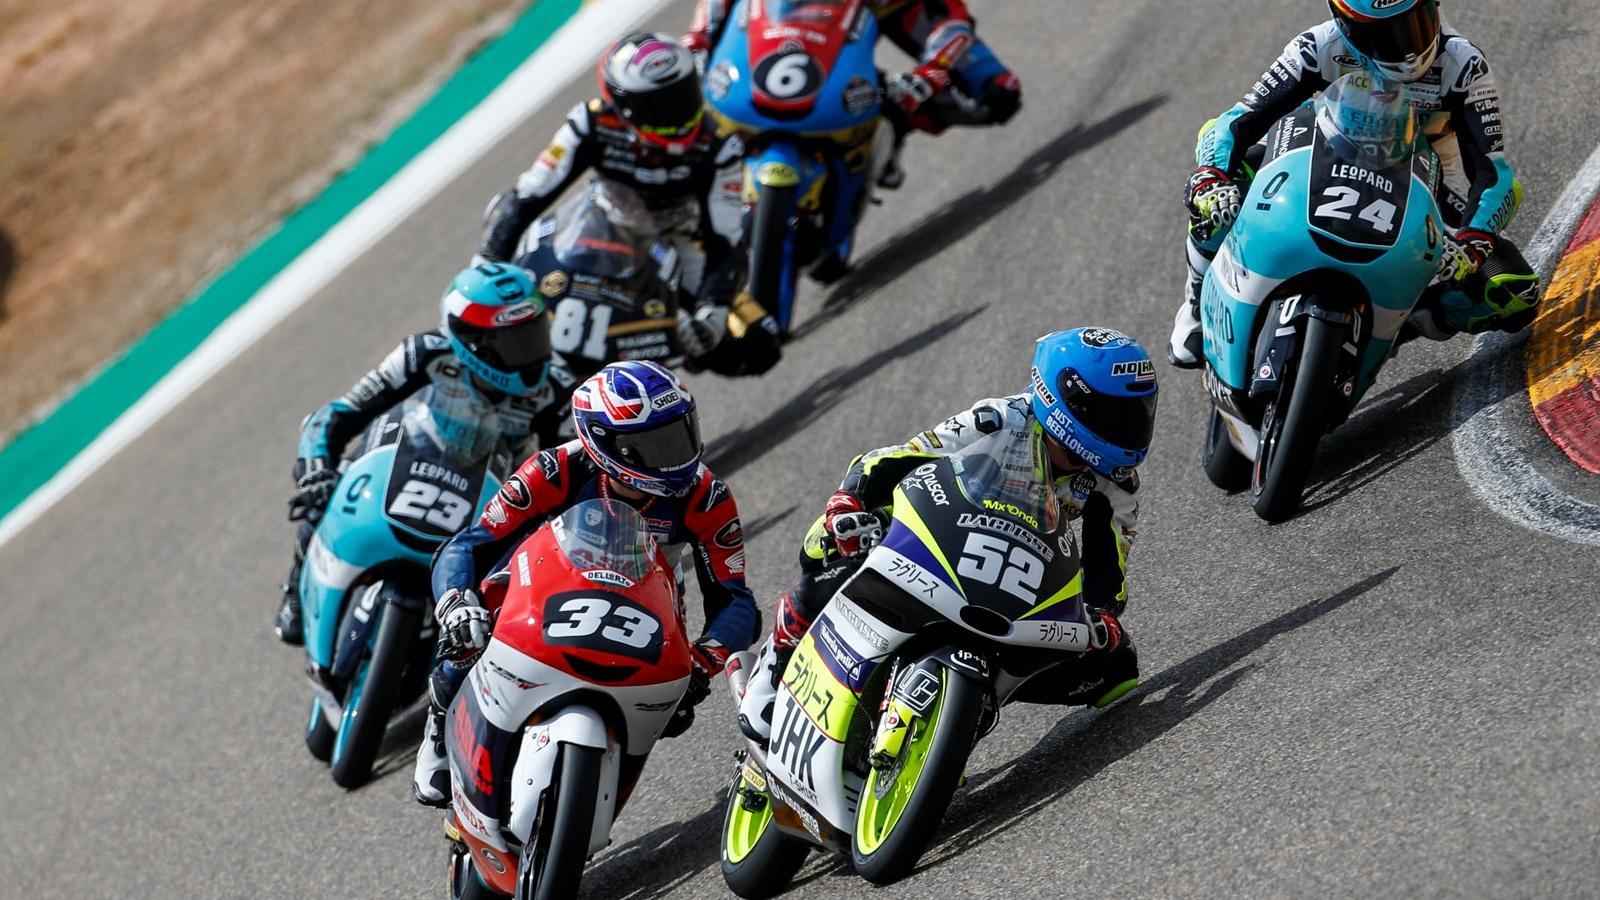 FIM CEV Albacete 2019: Horarios y dónde ver las carreras por televisión